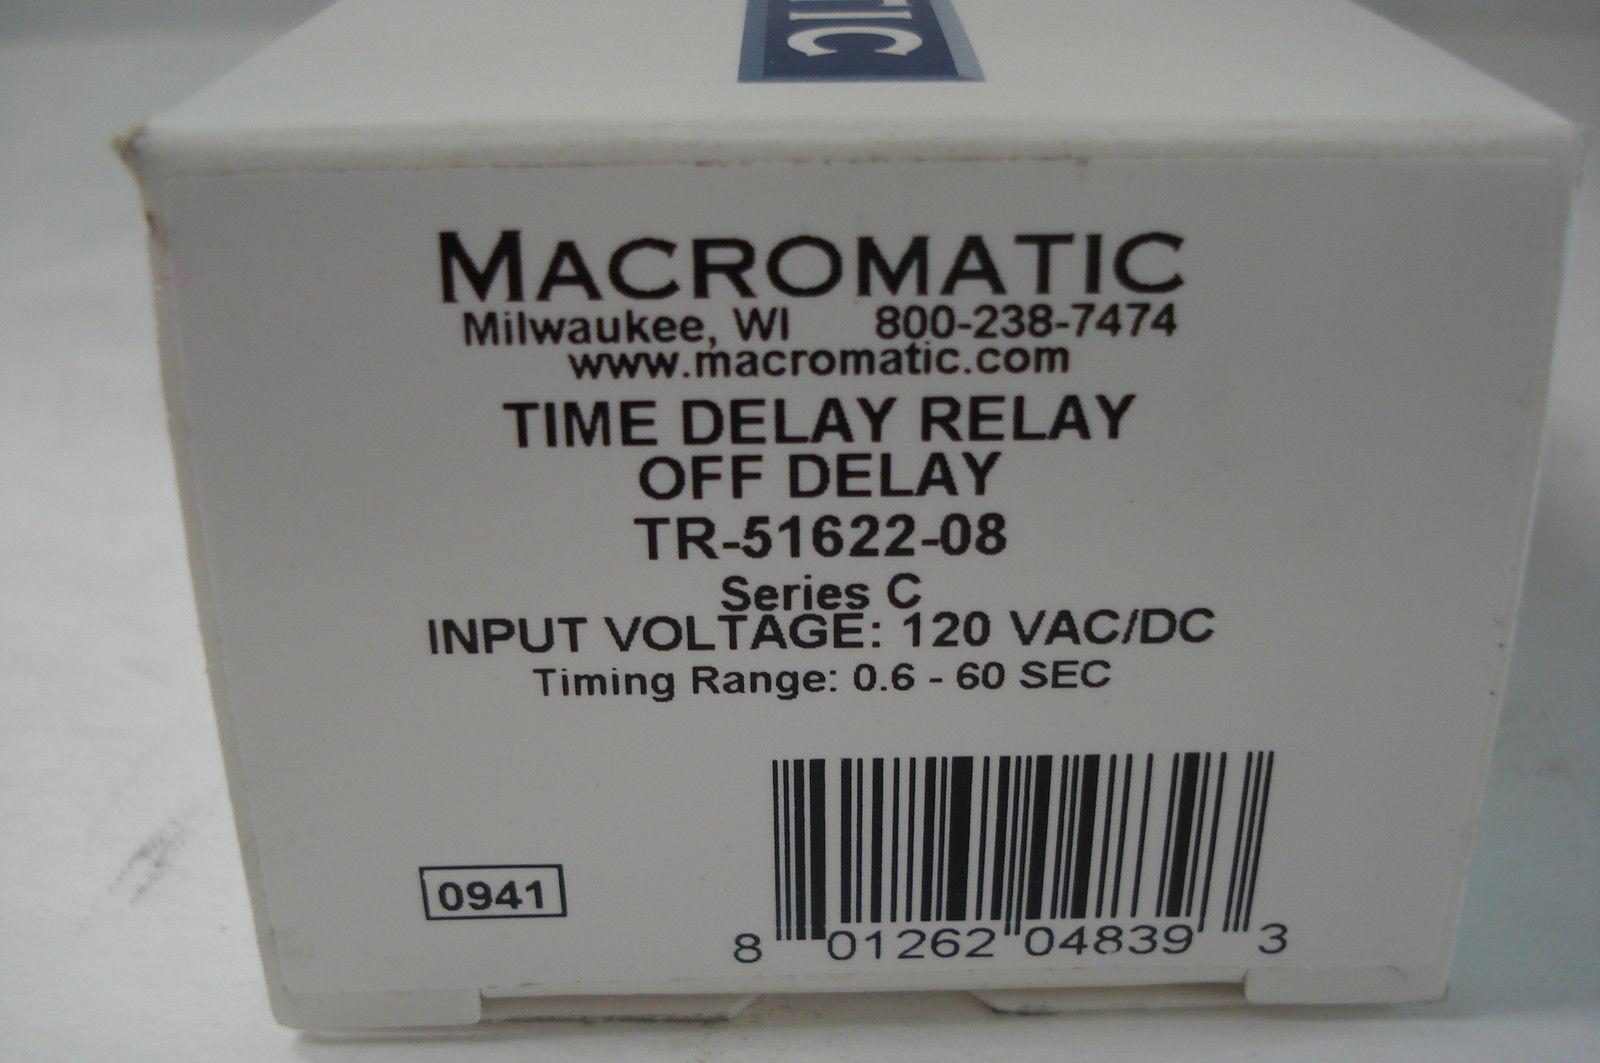 MACROMATIC时间继电器. 继电器  7